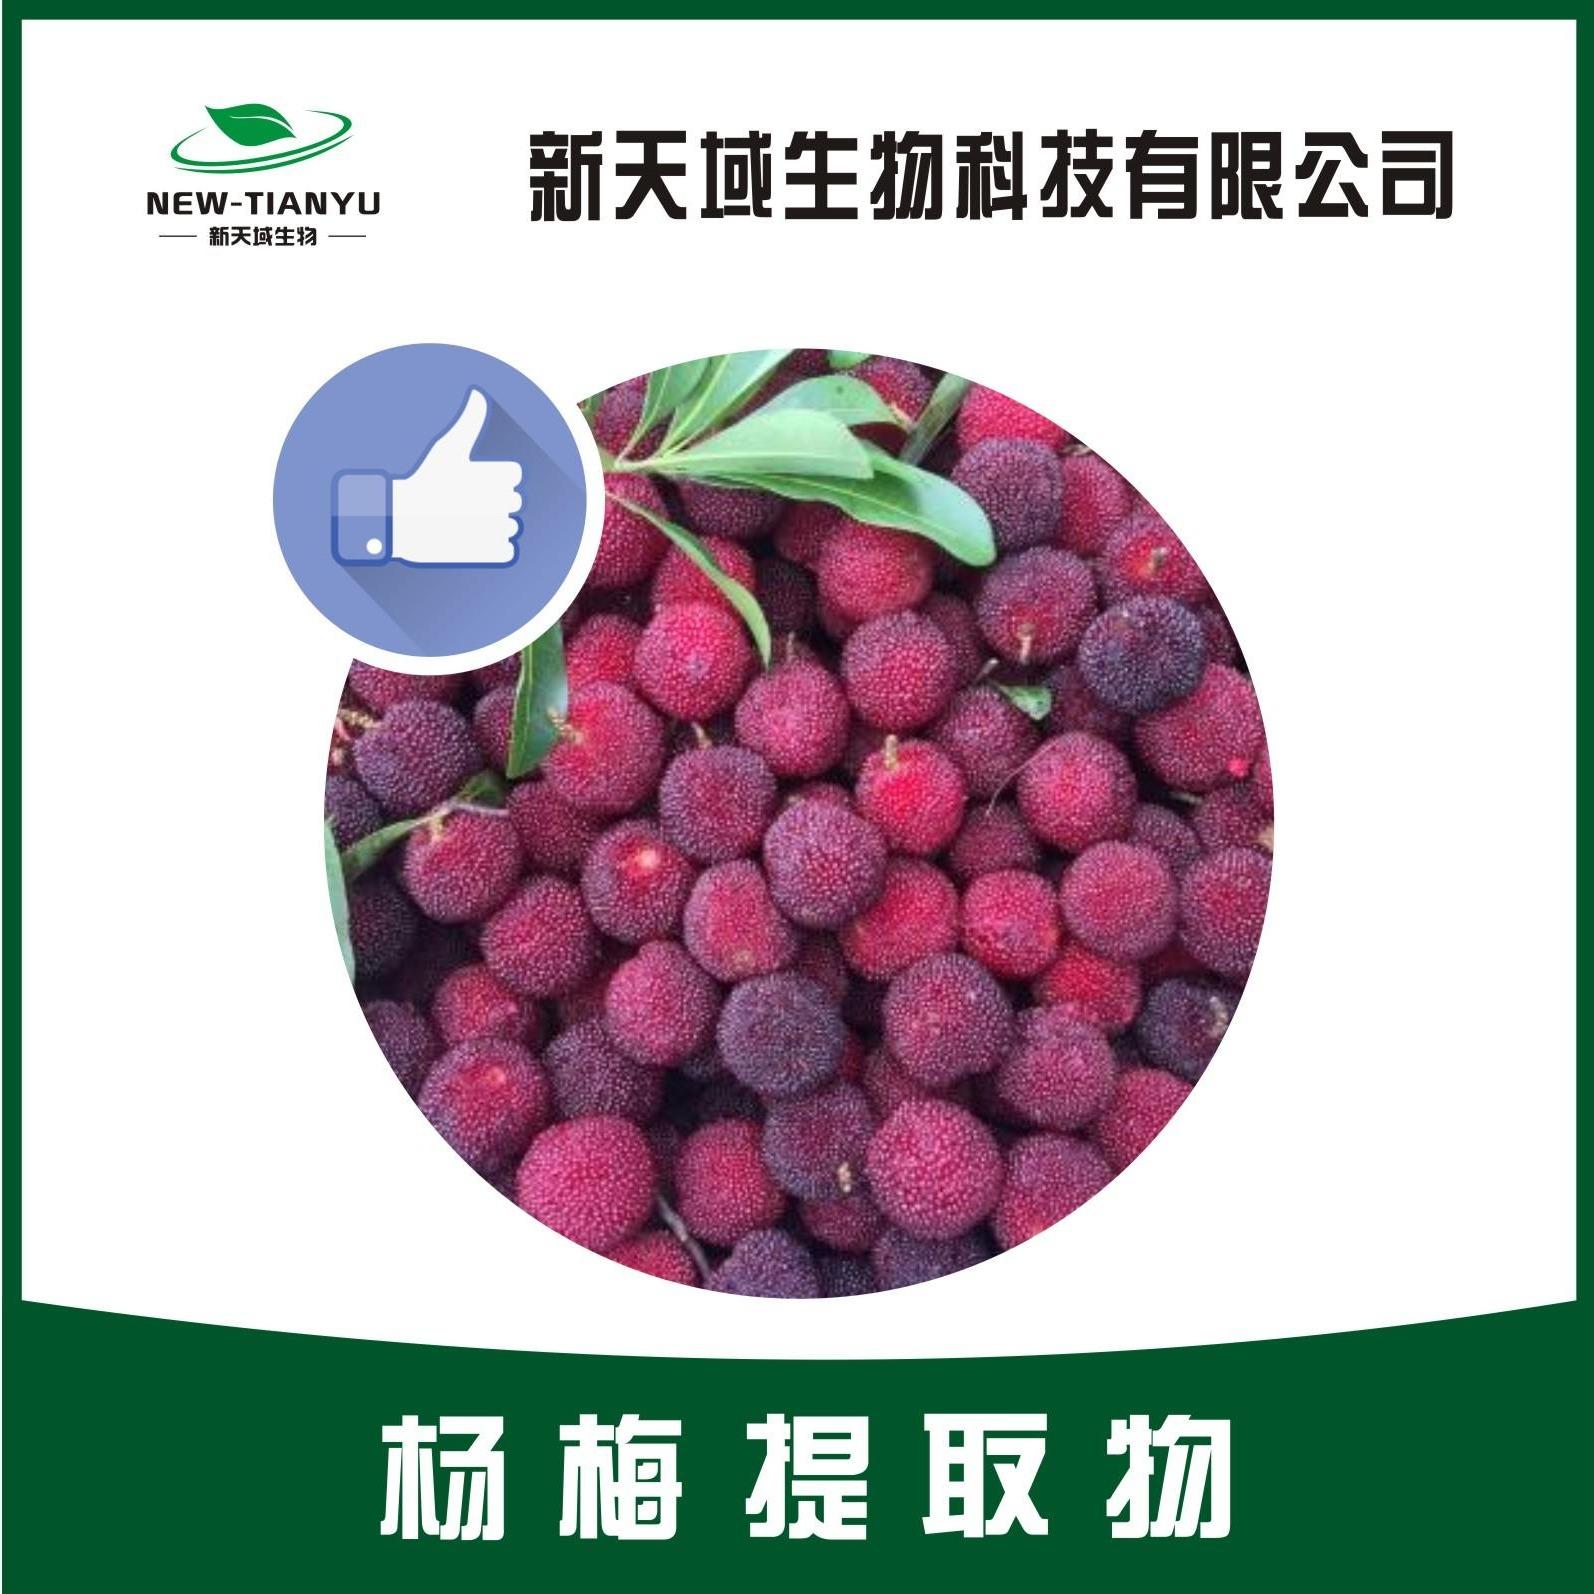 陕西新天域生物 现货供应 杨梅提取物 杨梅浓缩喷雾干燥粉